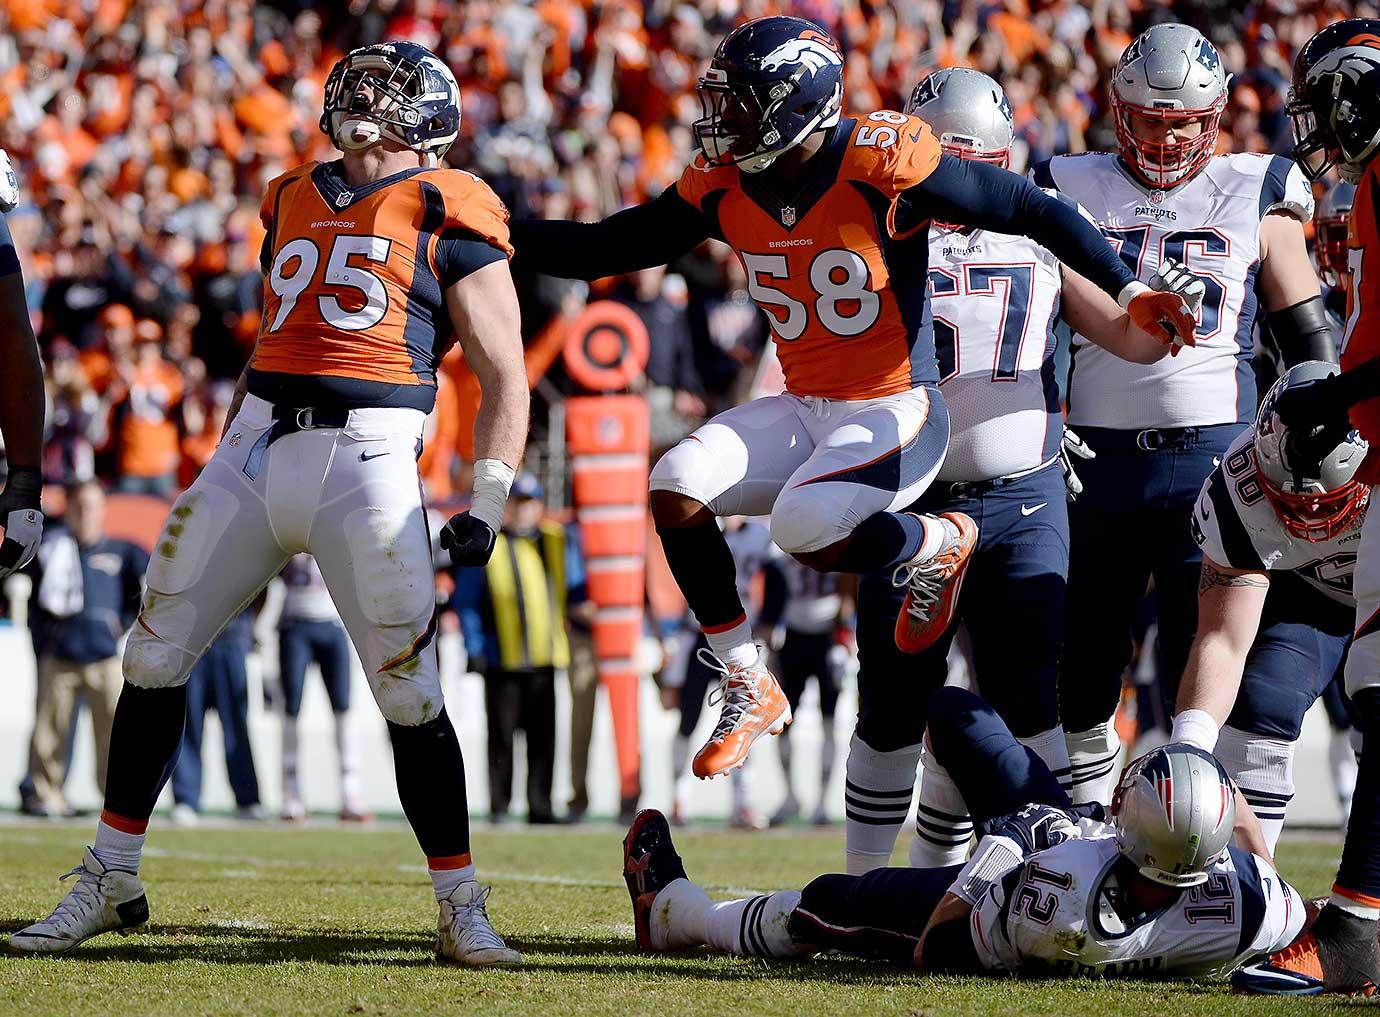 Derek Wolfe celebrates a sack of Tom Brady.